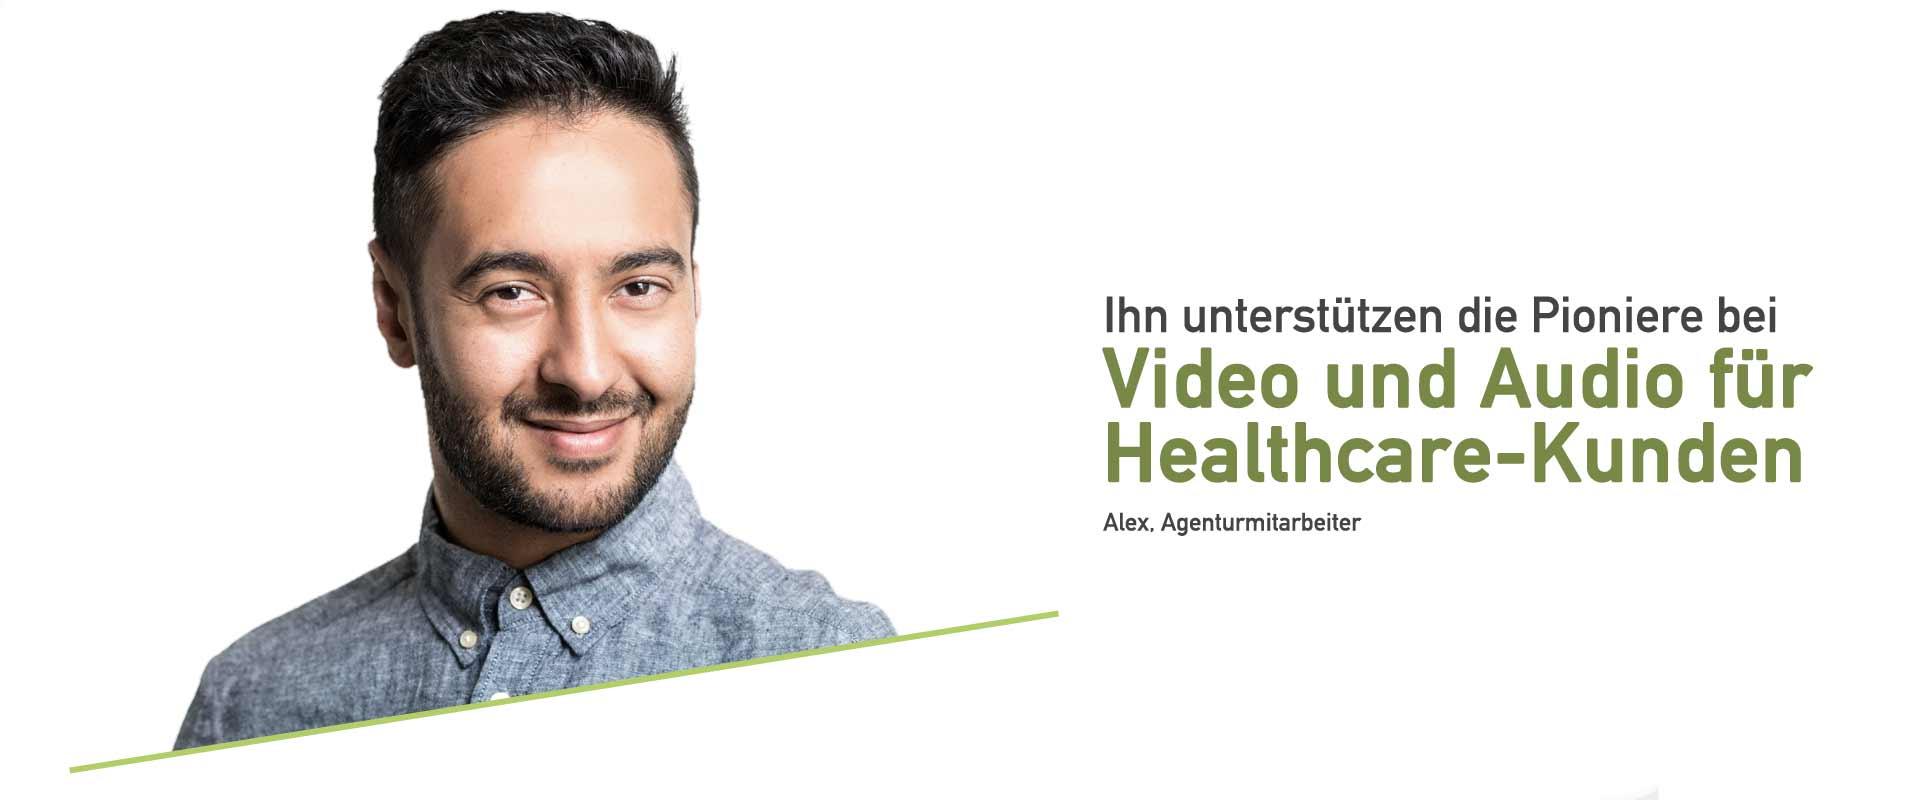 Healthcare Agenturen und Kunden sind bei uns bestens aufgehoben. Wir haben viel Erfahrung in der Produktion von Video und Audio im Healthcare- und Agenturbereich.